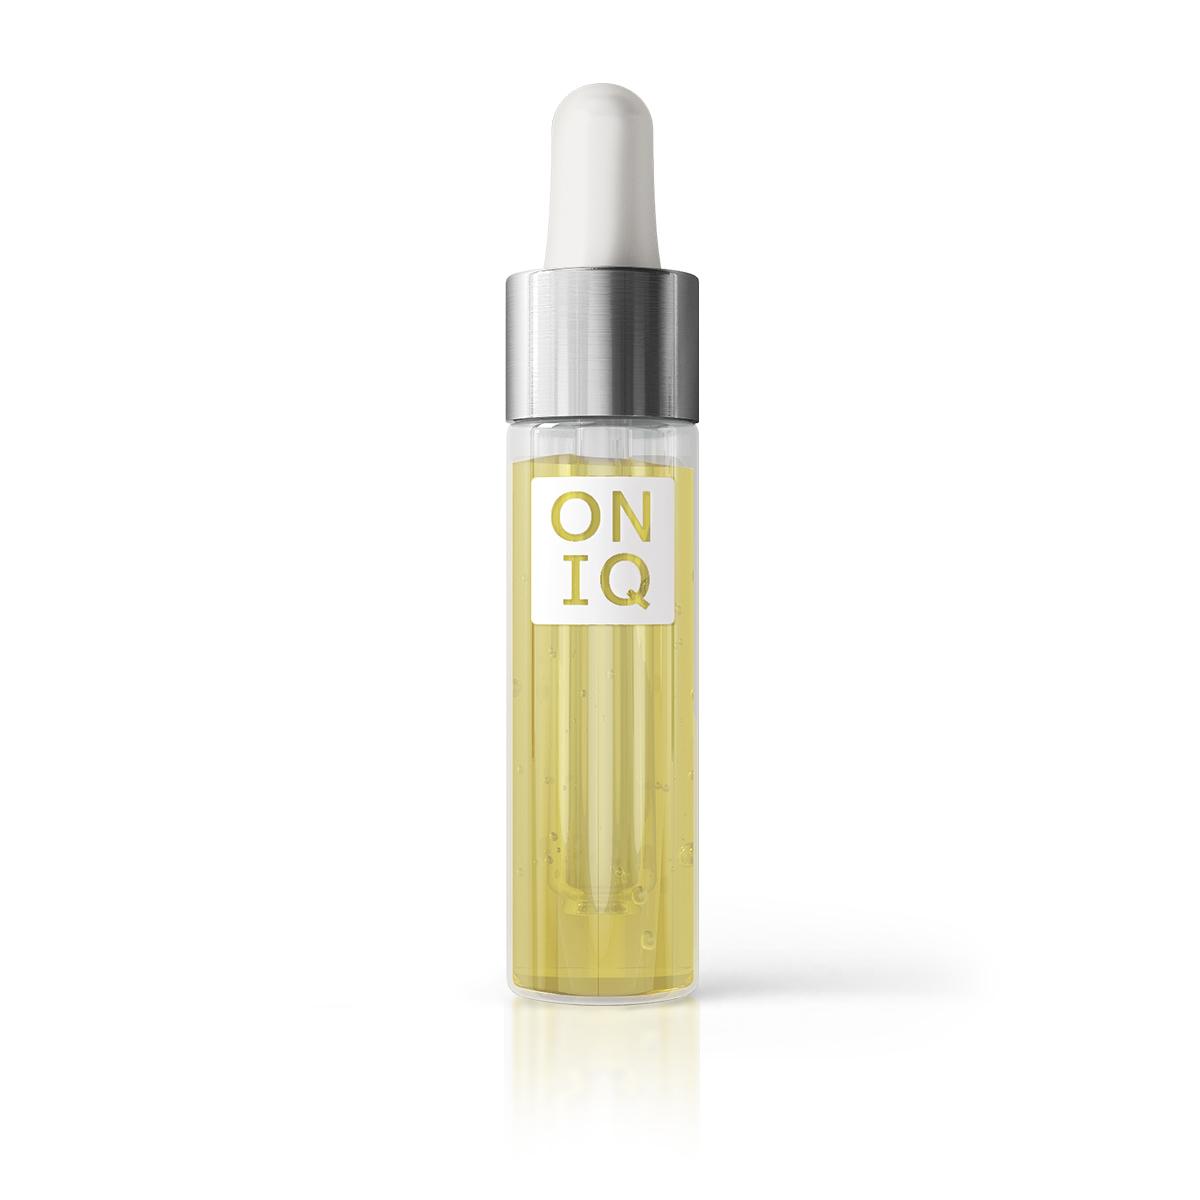 ONIQ Гель для кутикулы с ароматом королевского сада 15 мл